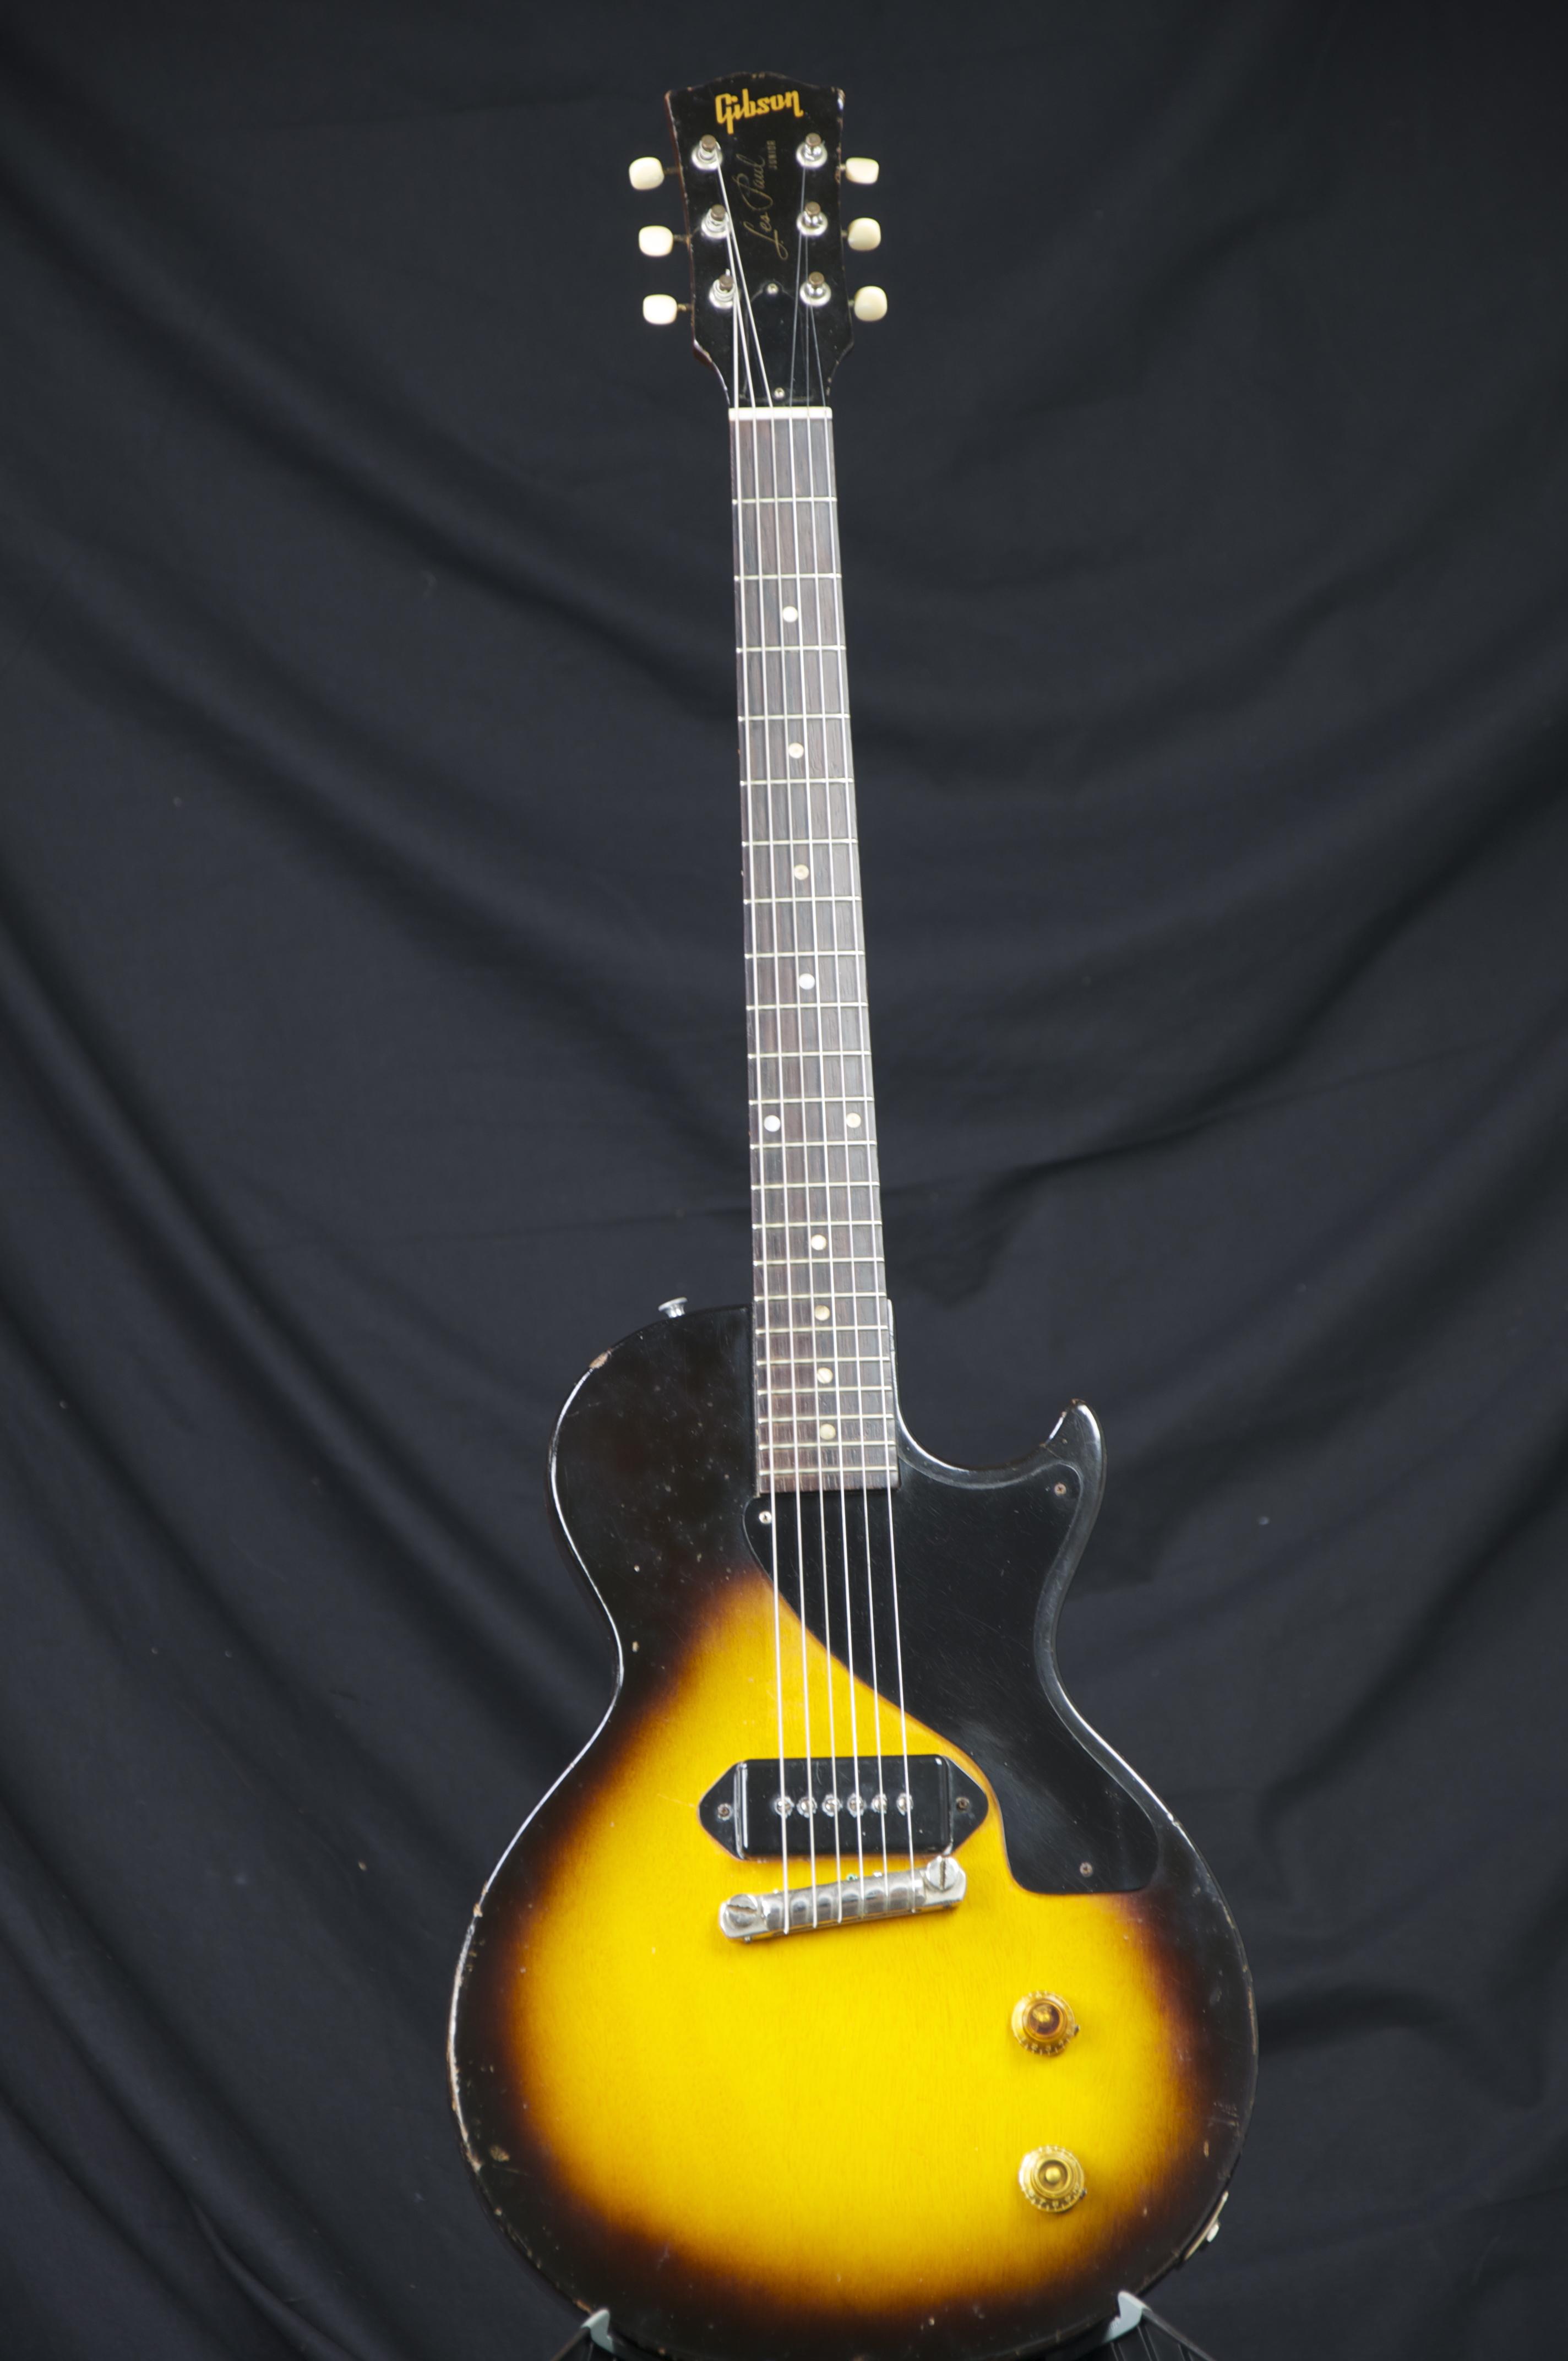 vintage 1955 gibson les paul jr sunburst electric guitar. Black Bedroom Furniture Sets. Home Design Ideas